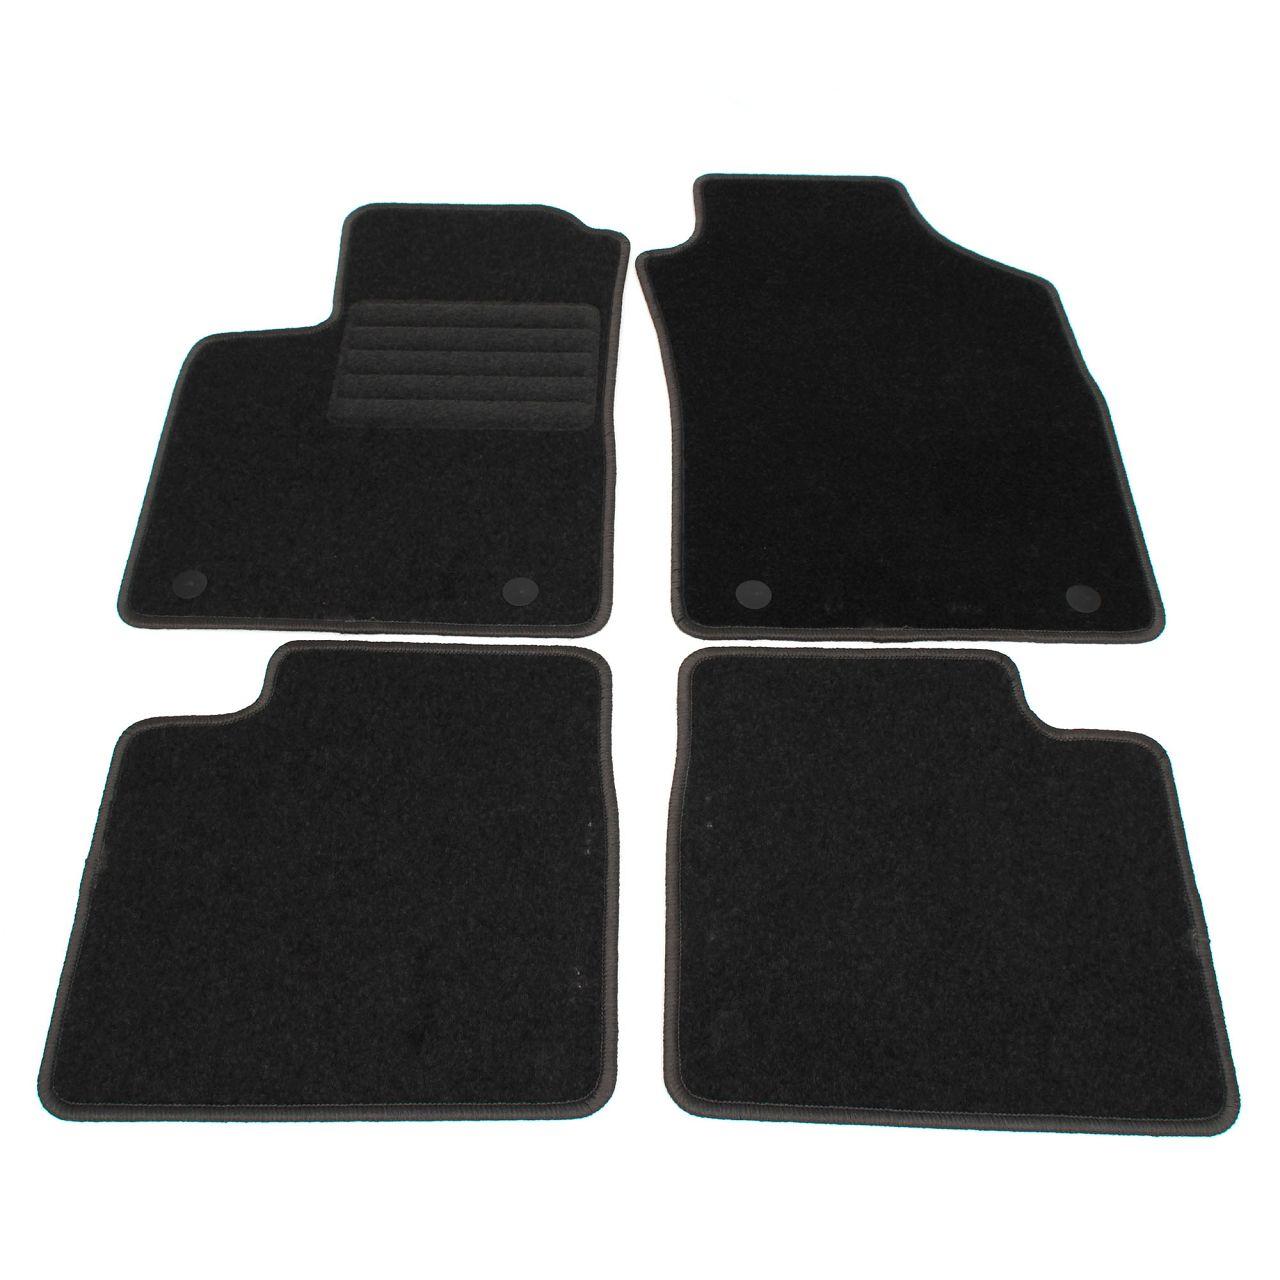 Veloursmatten Textilmatten Fußmatten für FIAT 500 / C (312_) ab 07.2015 4-tlg